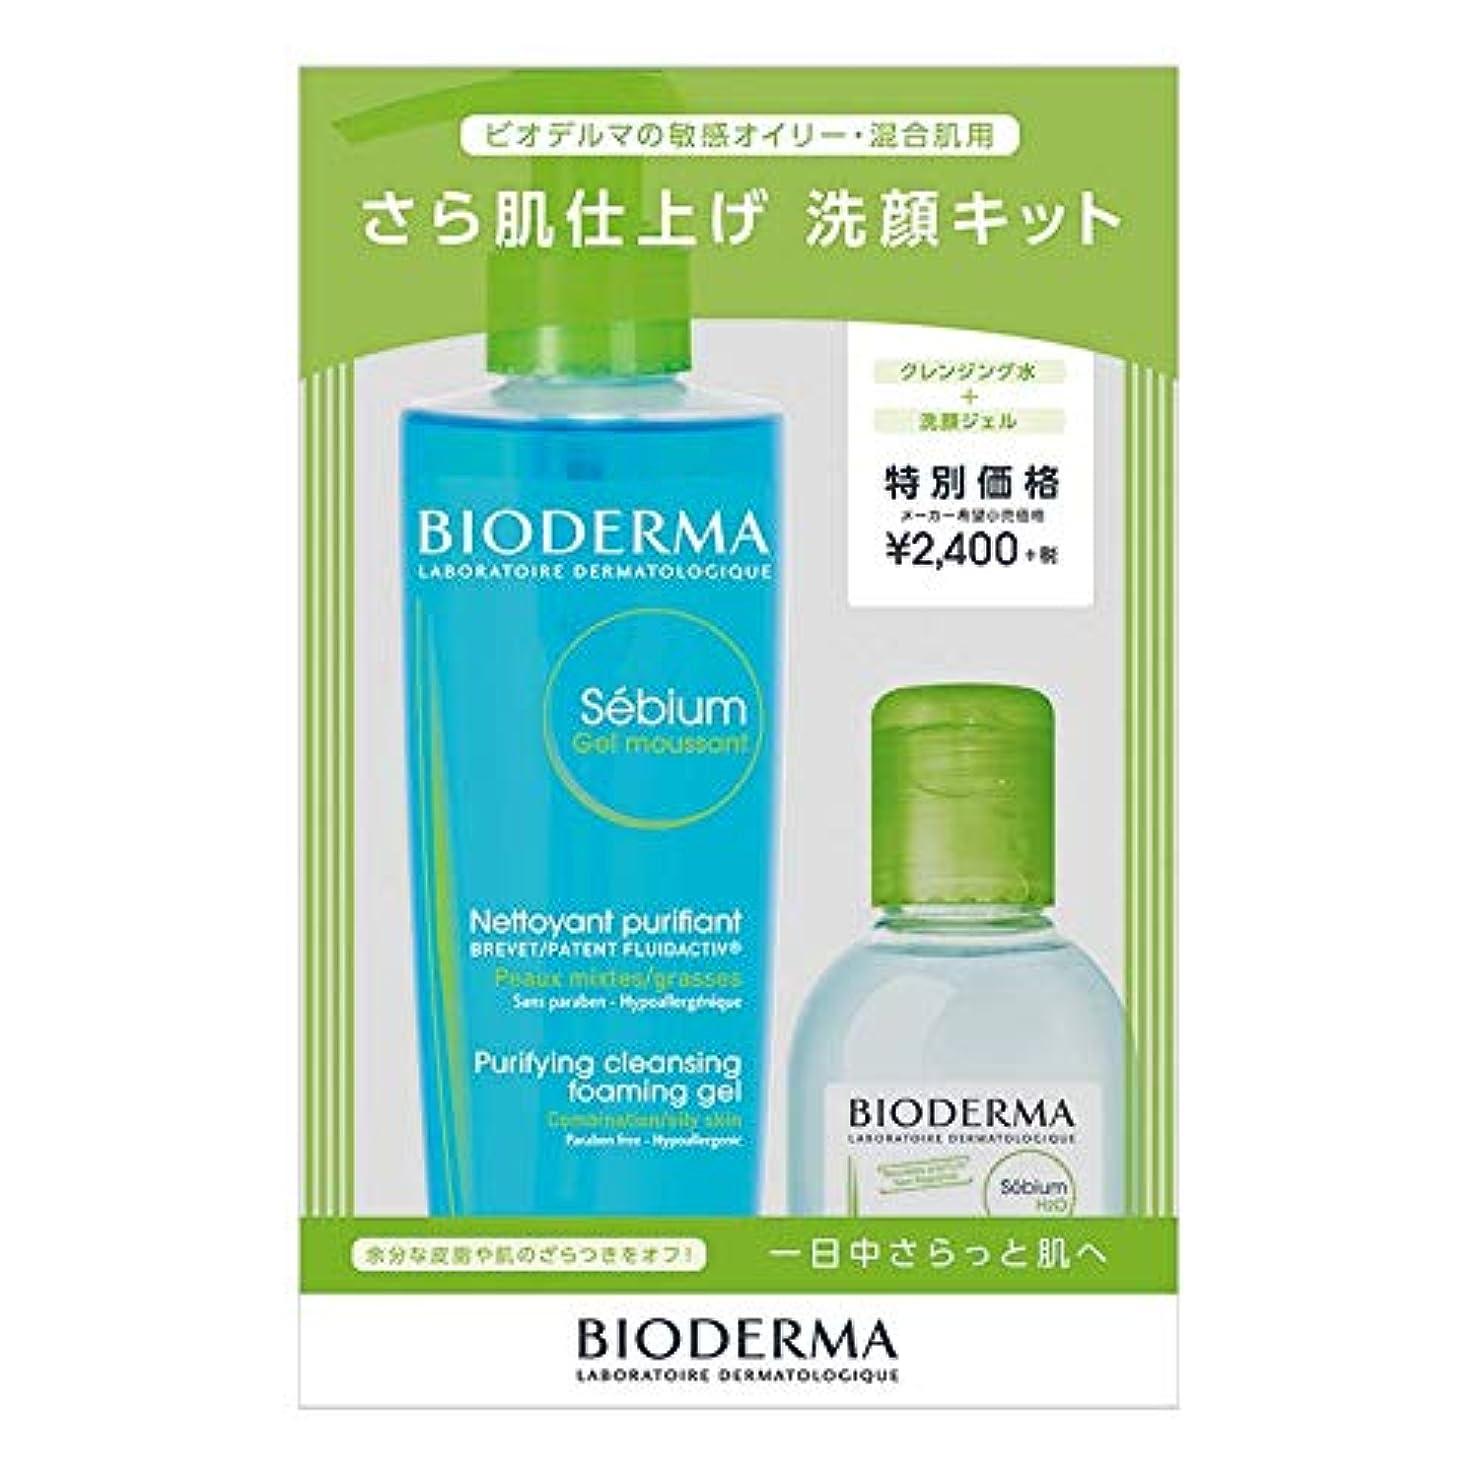 広告する最適バルコニービオデルマ セビウム サラハダシアゲ センガンキット 洗顔 セット 200g+100ml